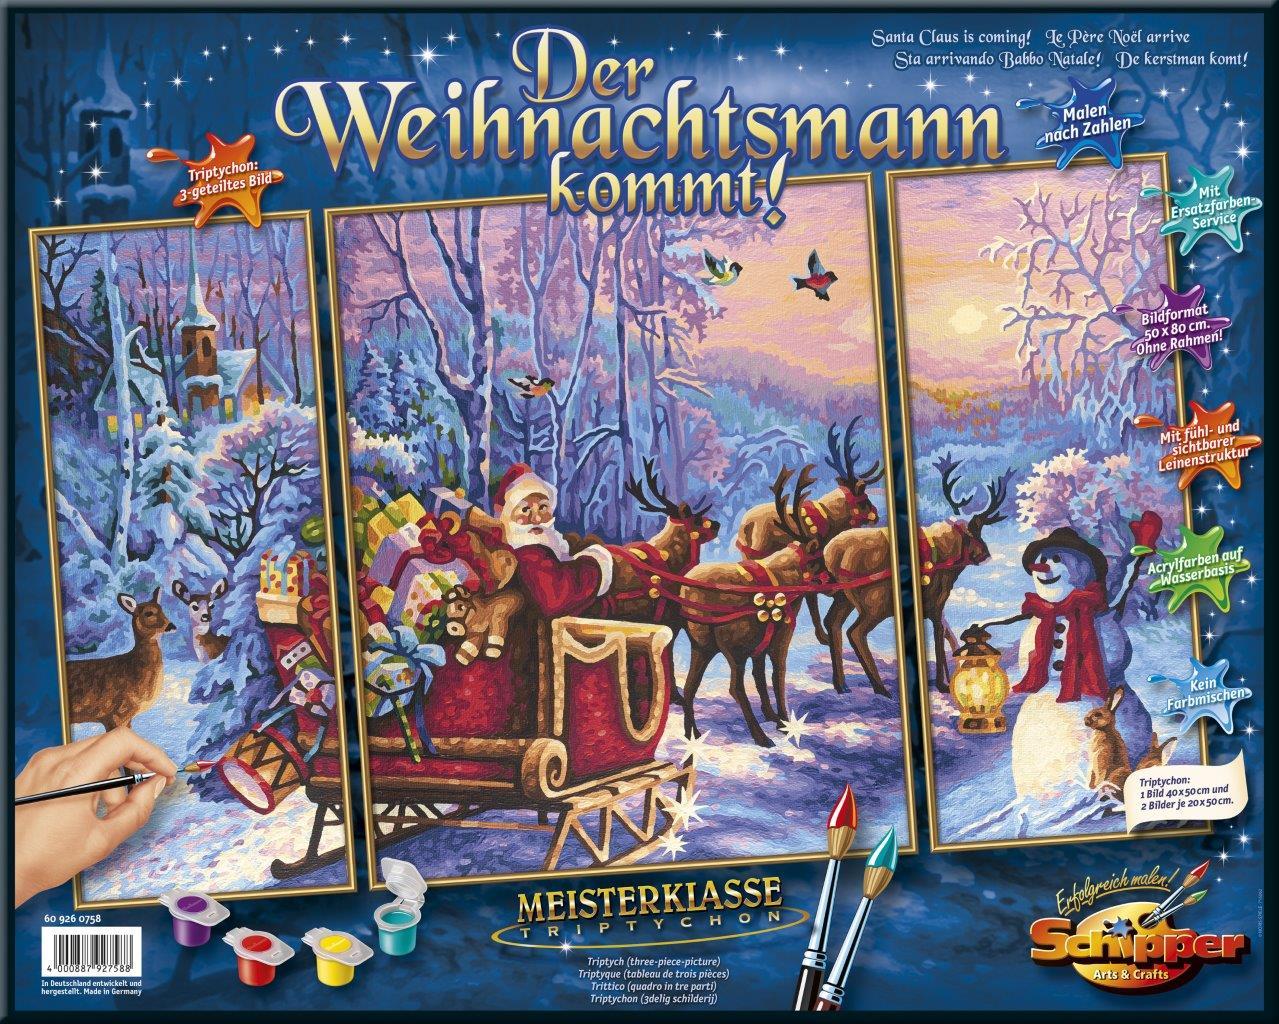 Der Weihnachtsmann kommt!